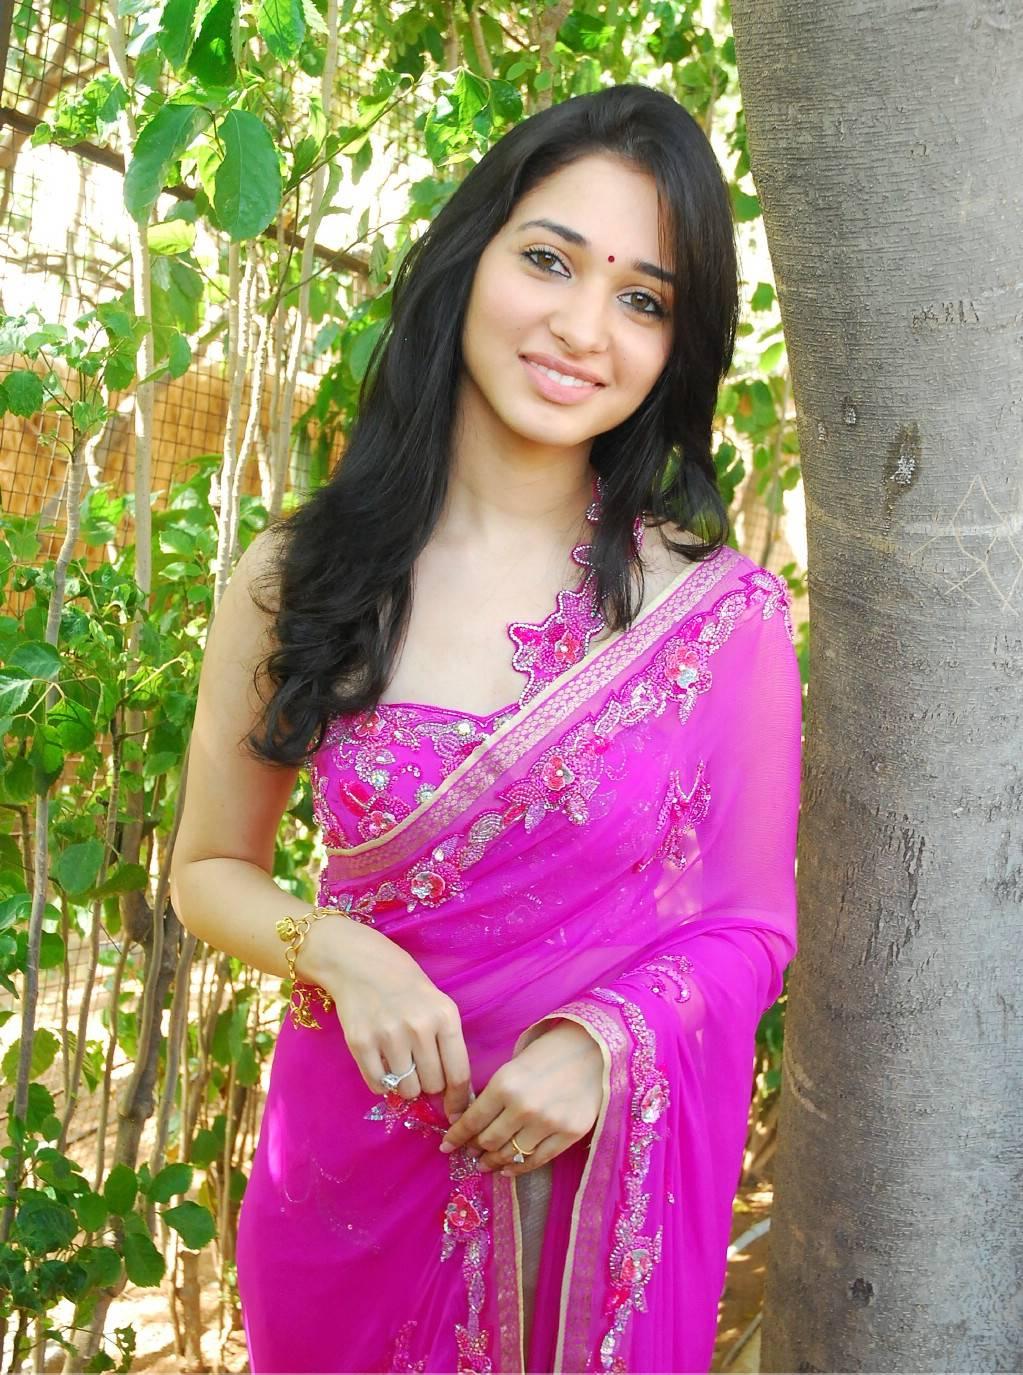 Wallpaper Gallery: Cute Actress Tamanna In Pink Designer Saree